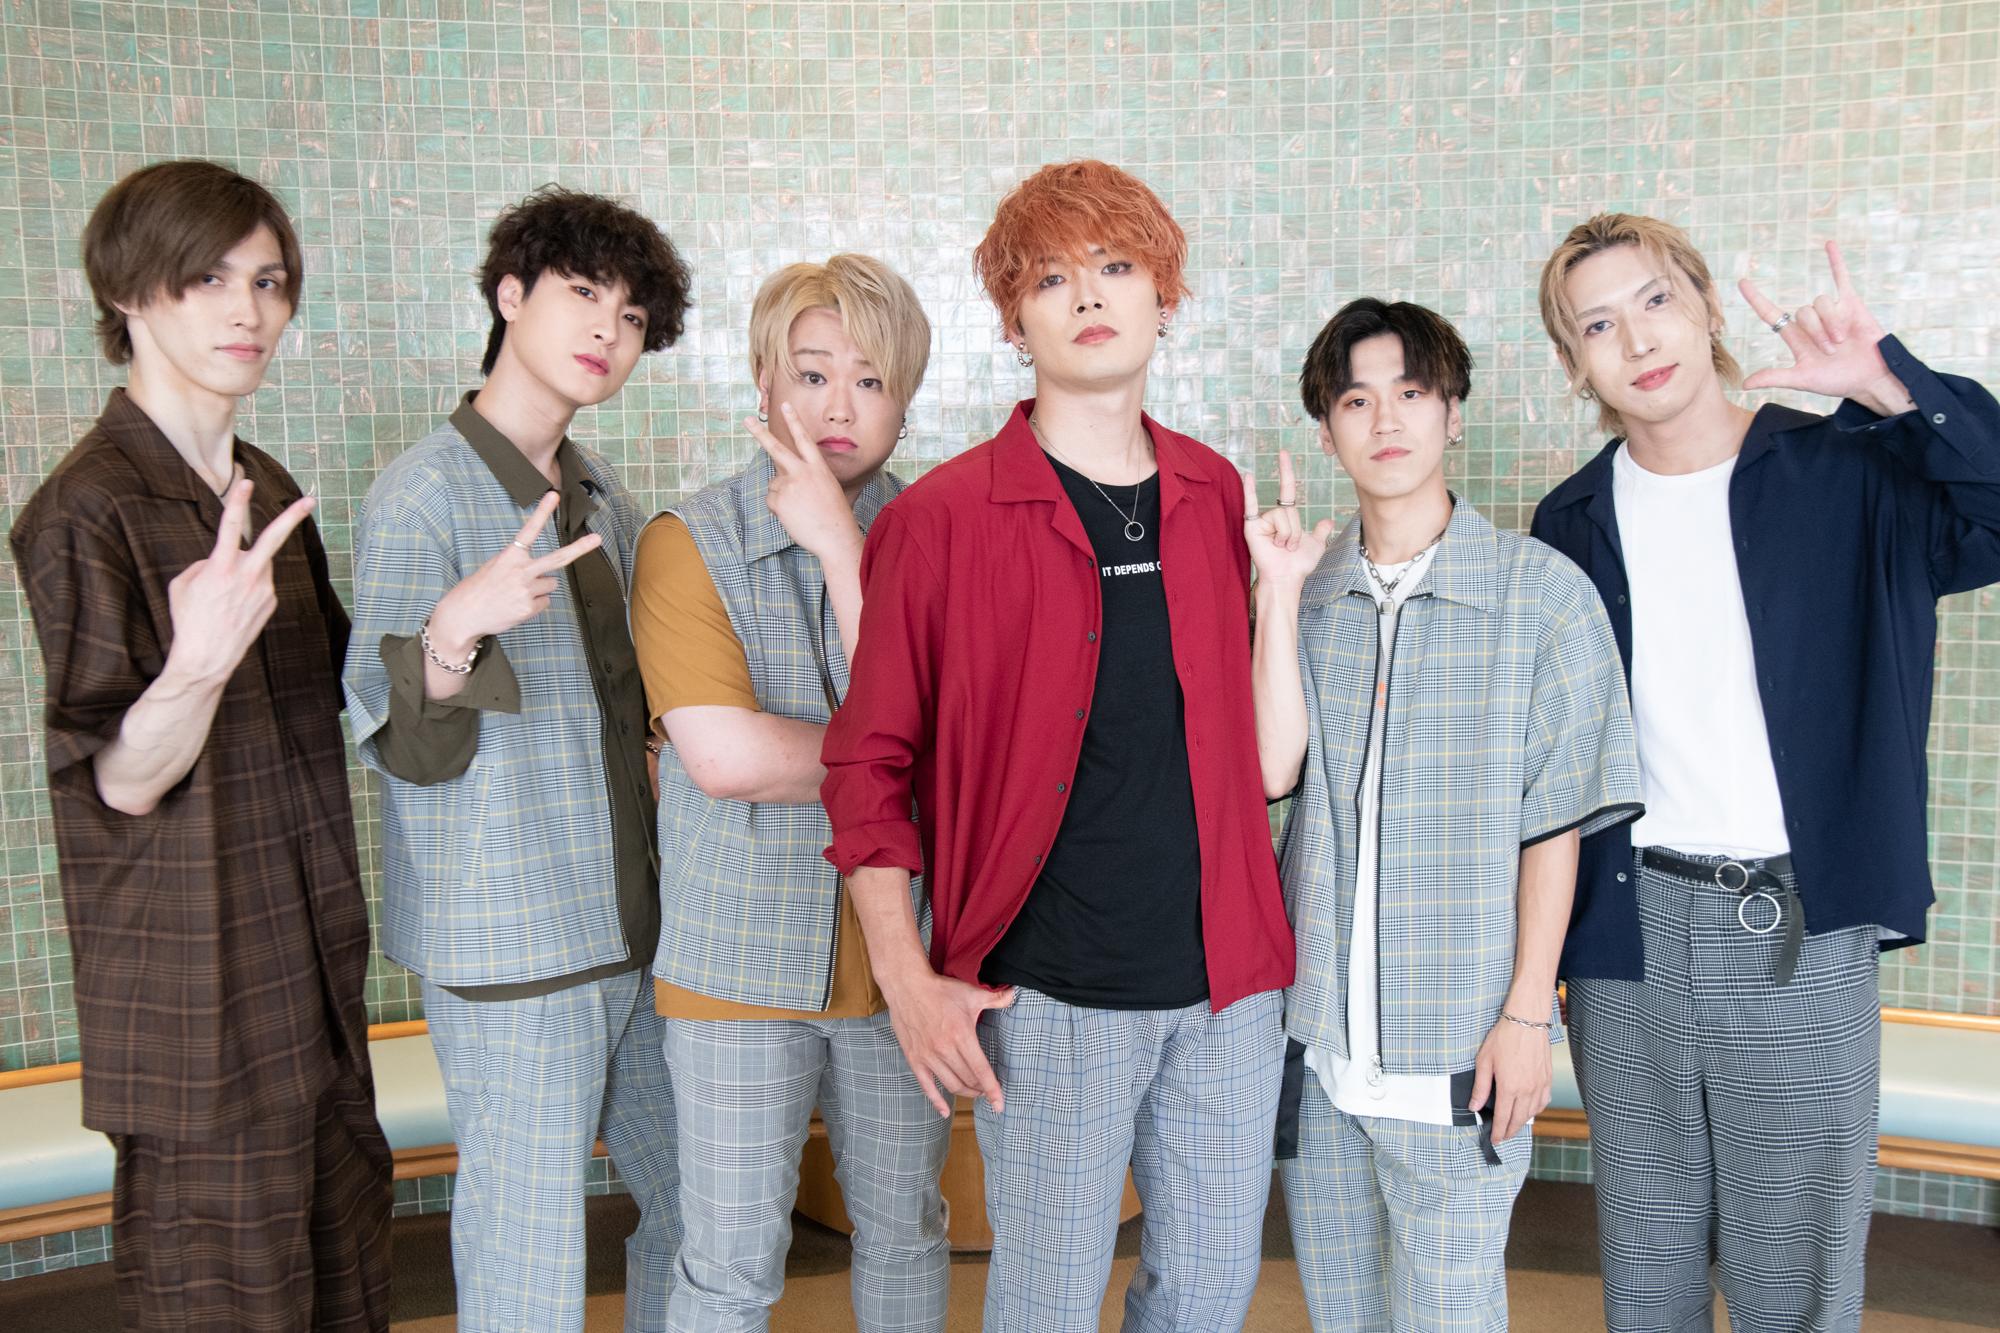 左から)安江晶野 / MELO / 藤戸佑飛 / 河野凌太 / RYOGA / TENMA